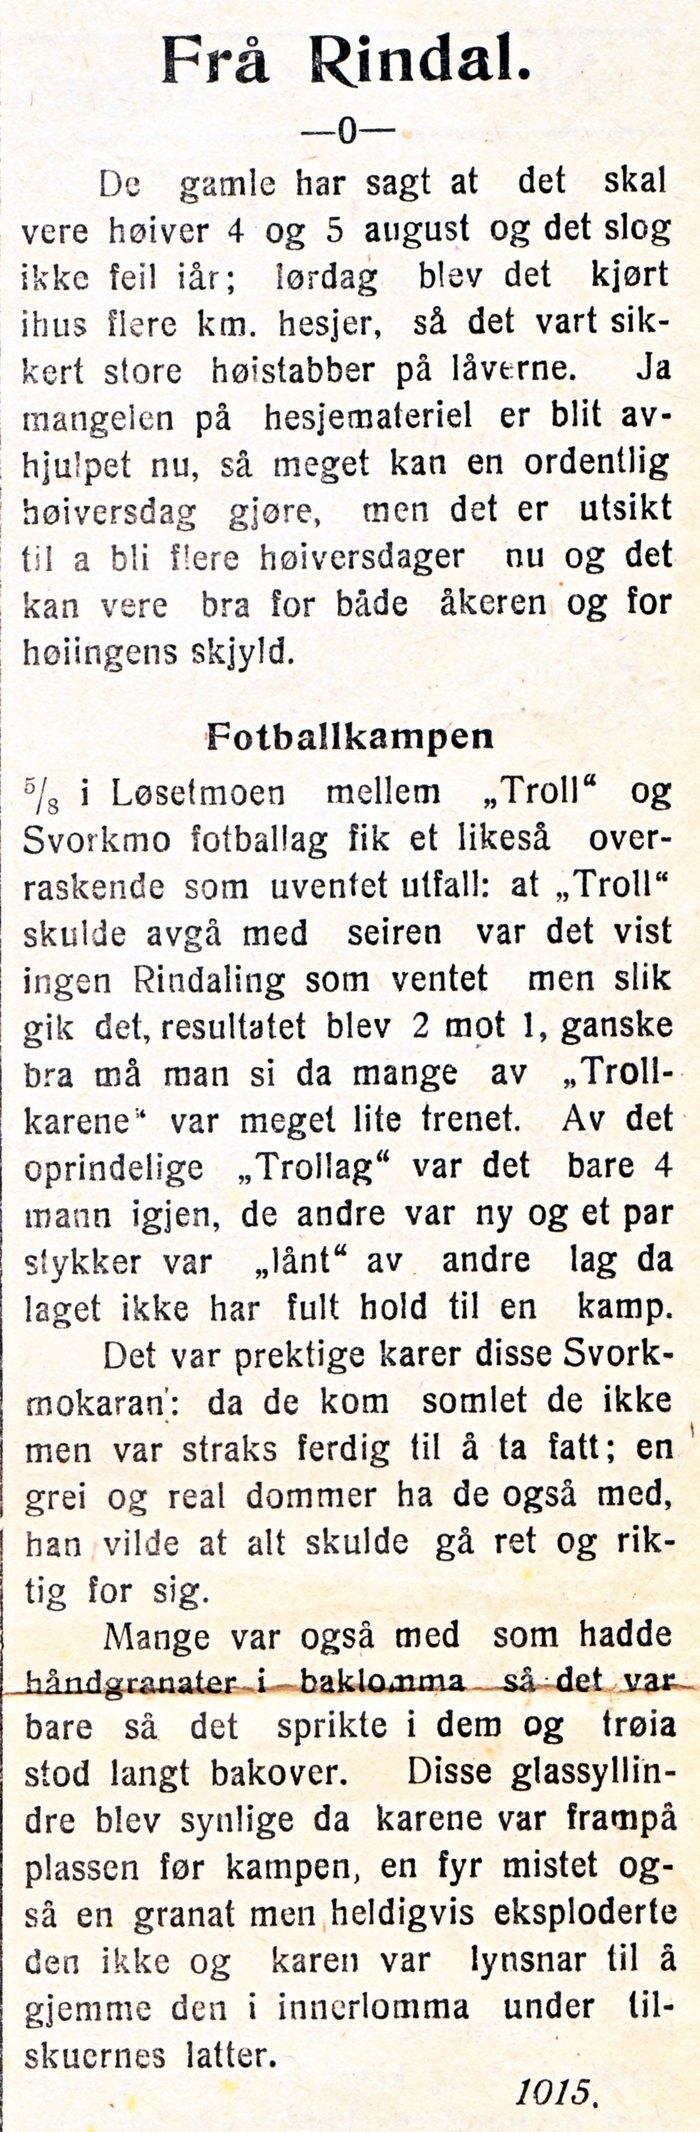 Fotballkamp_700x2132.jpg